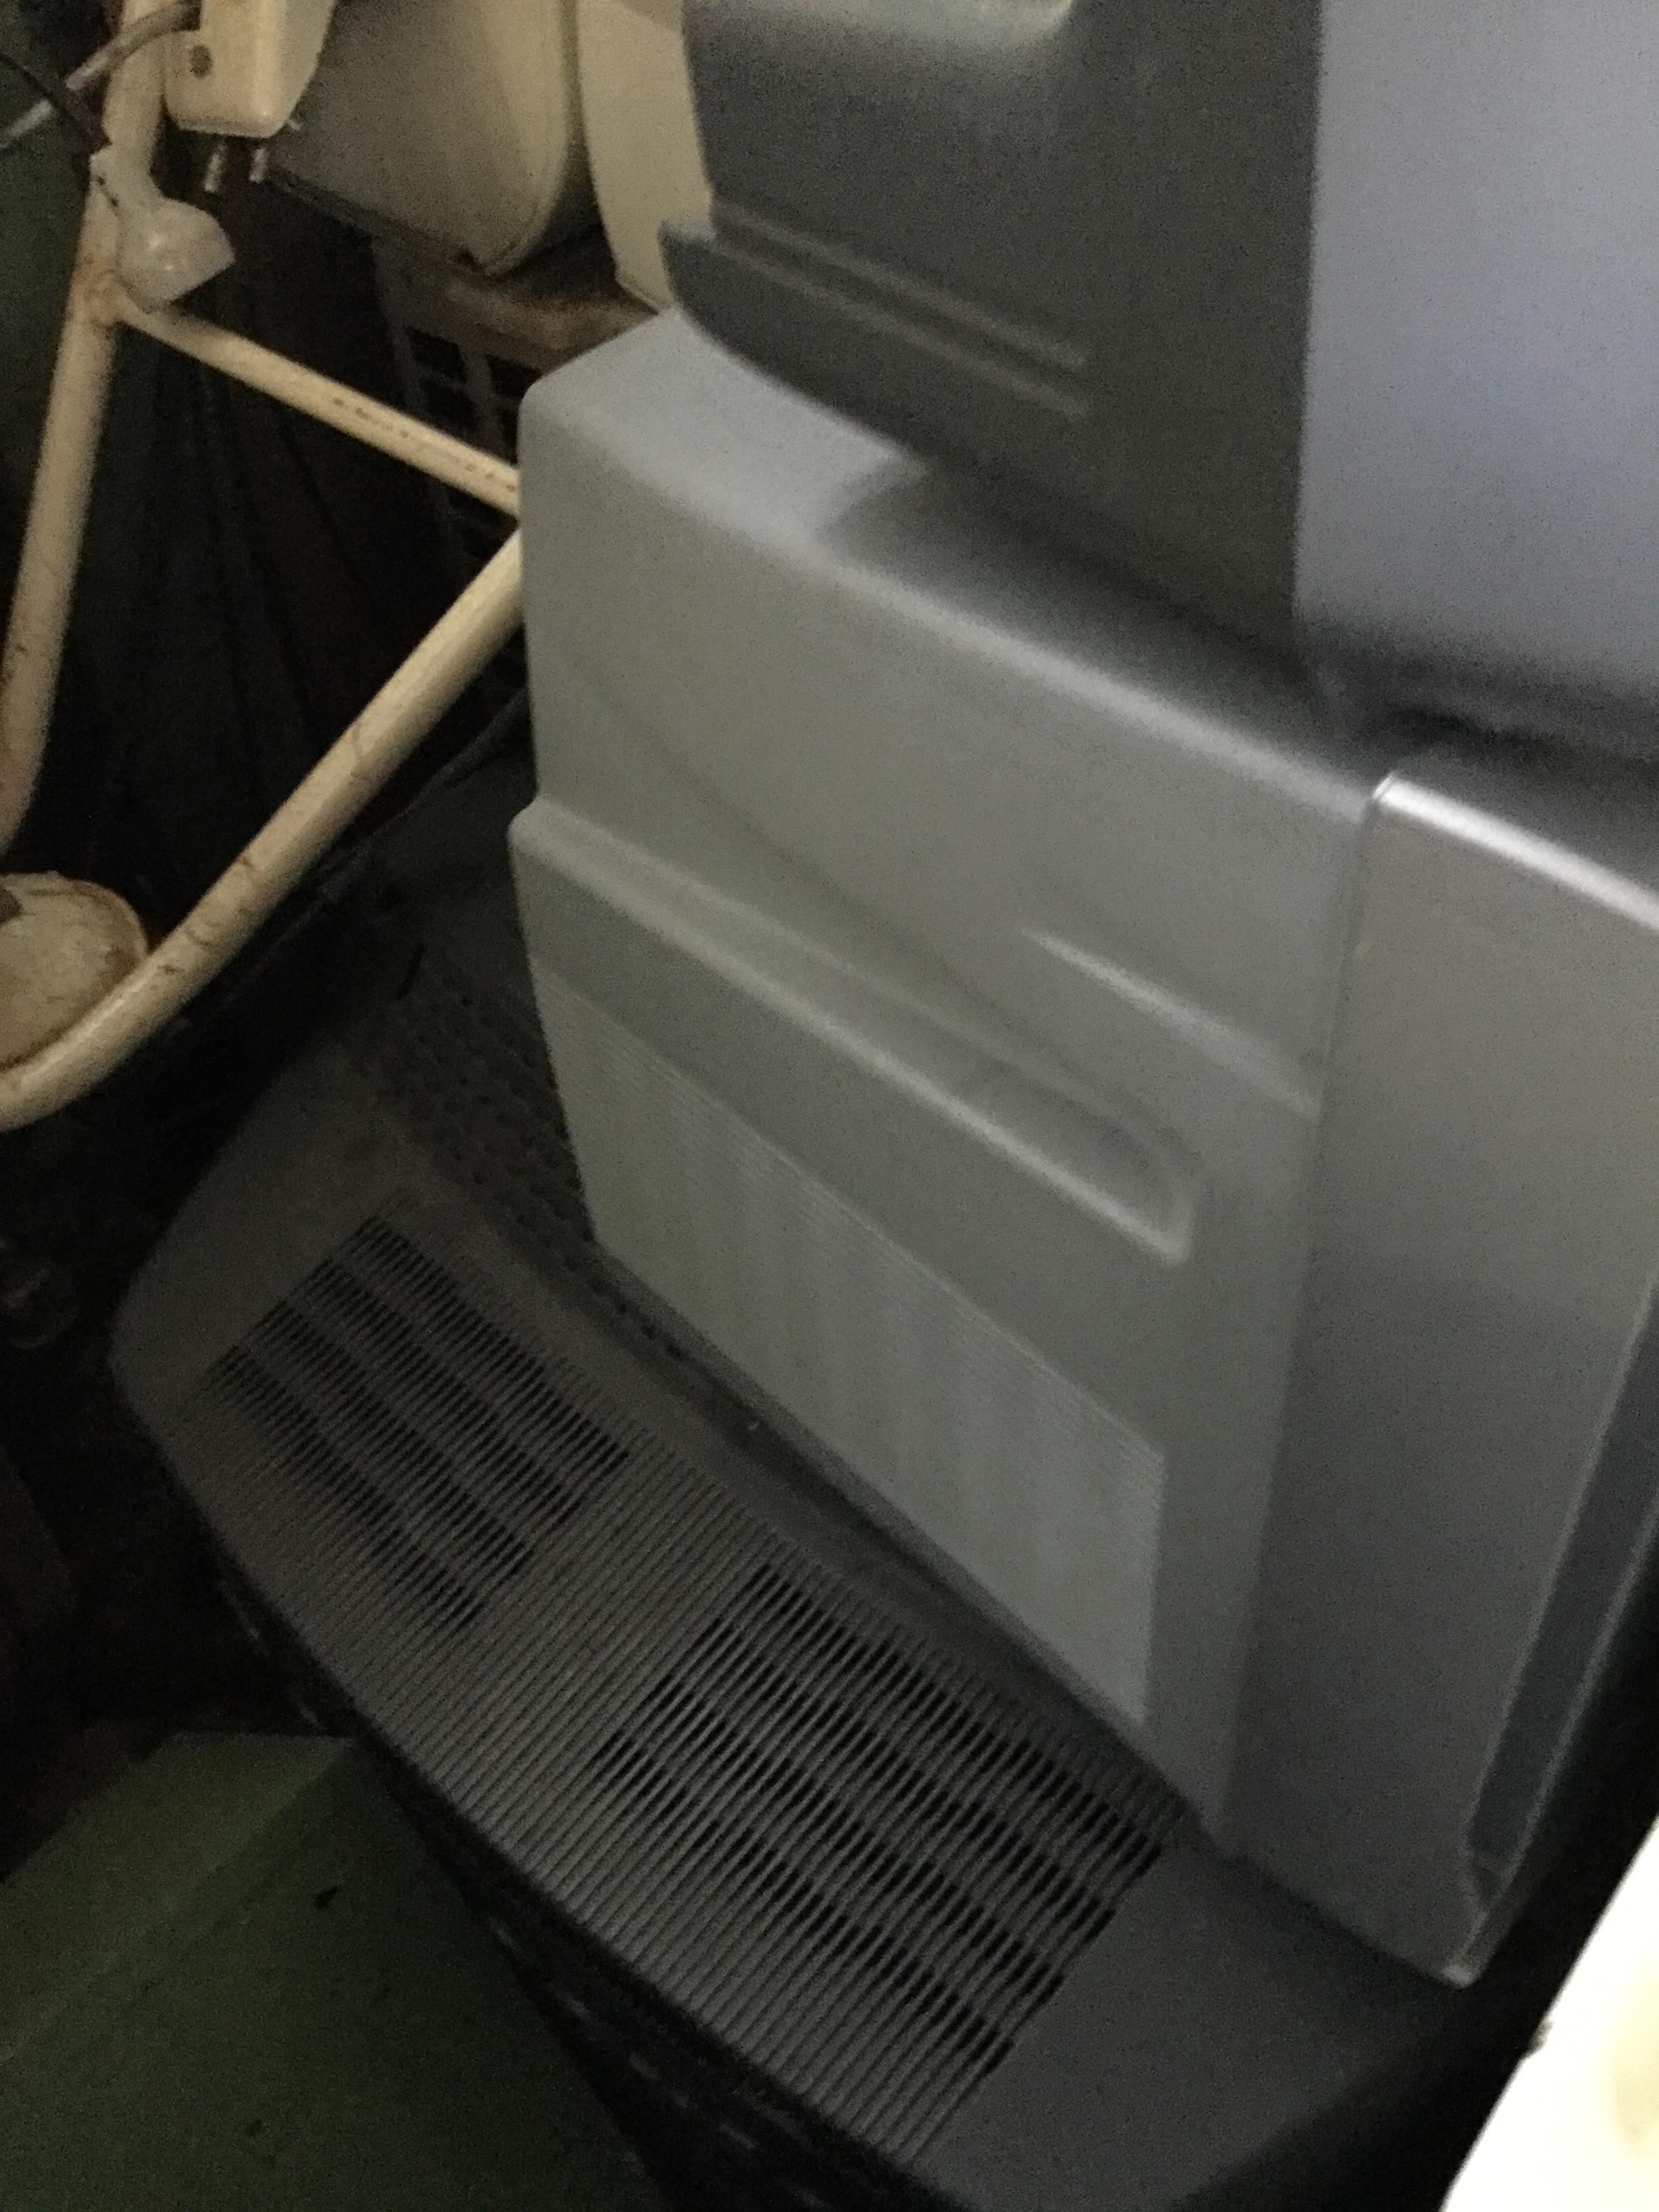 岡山県岡山市南区福島付近で回収した不用品のブラウン管テレビです。